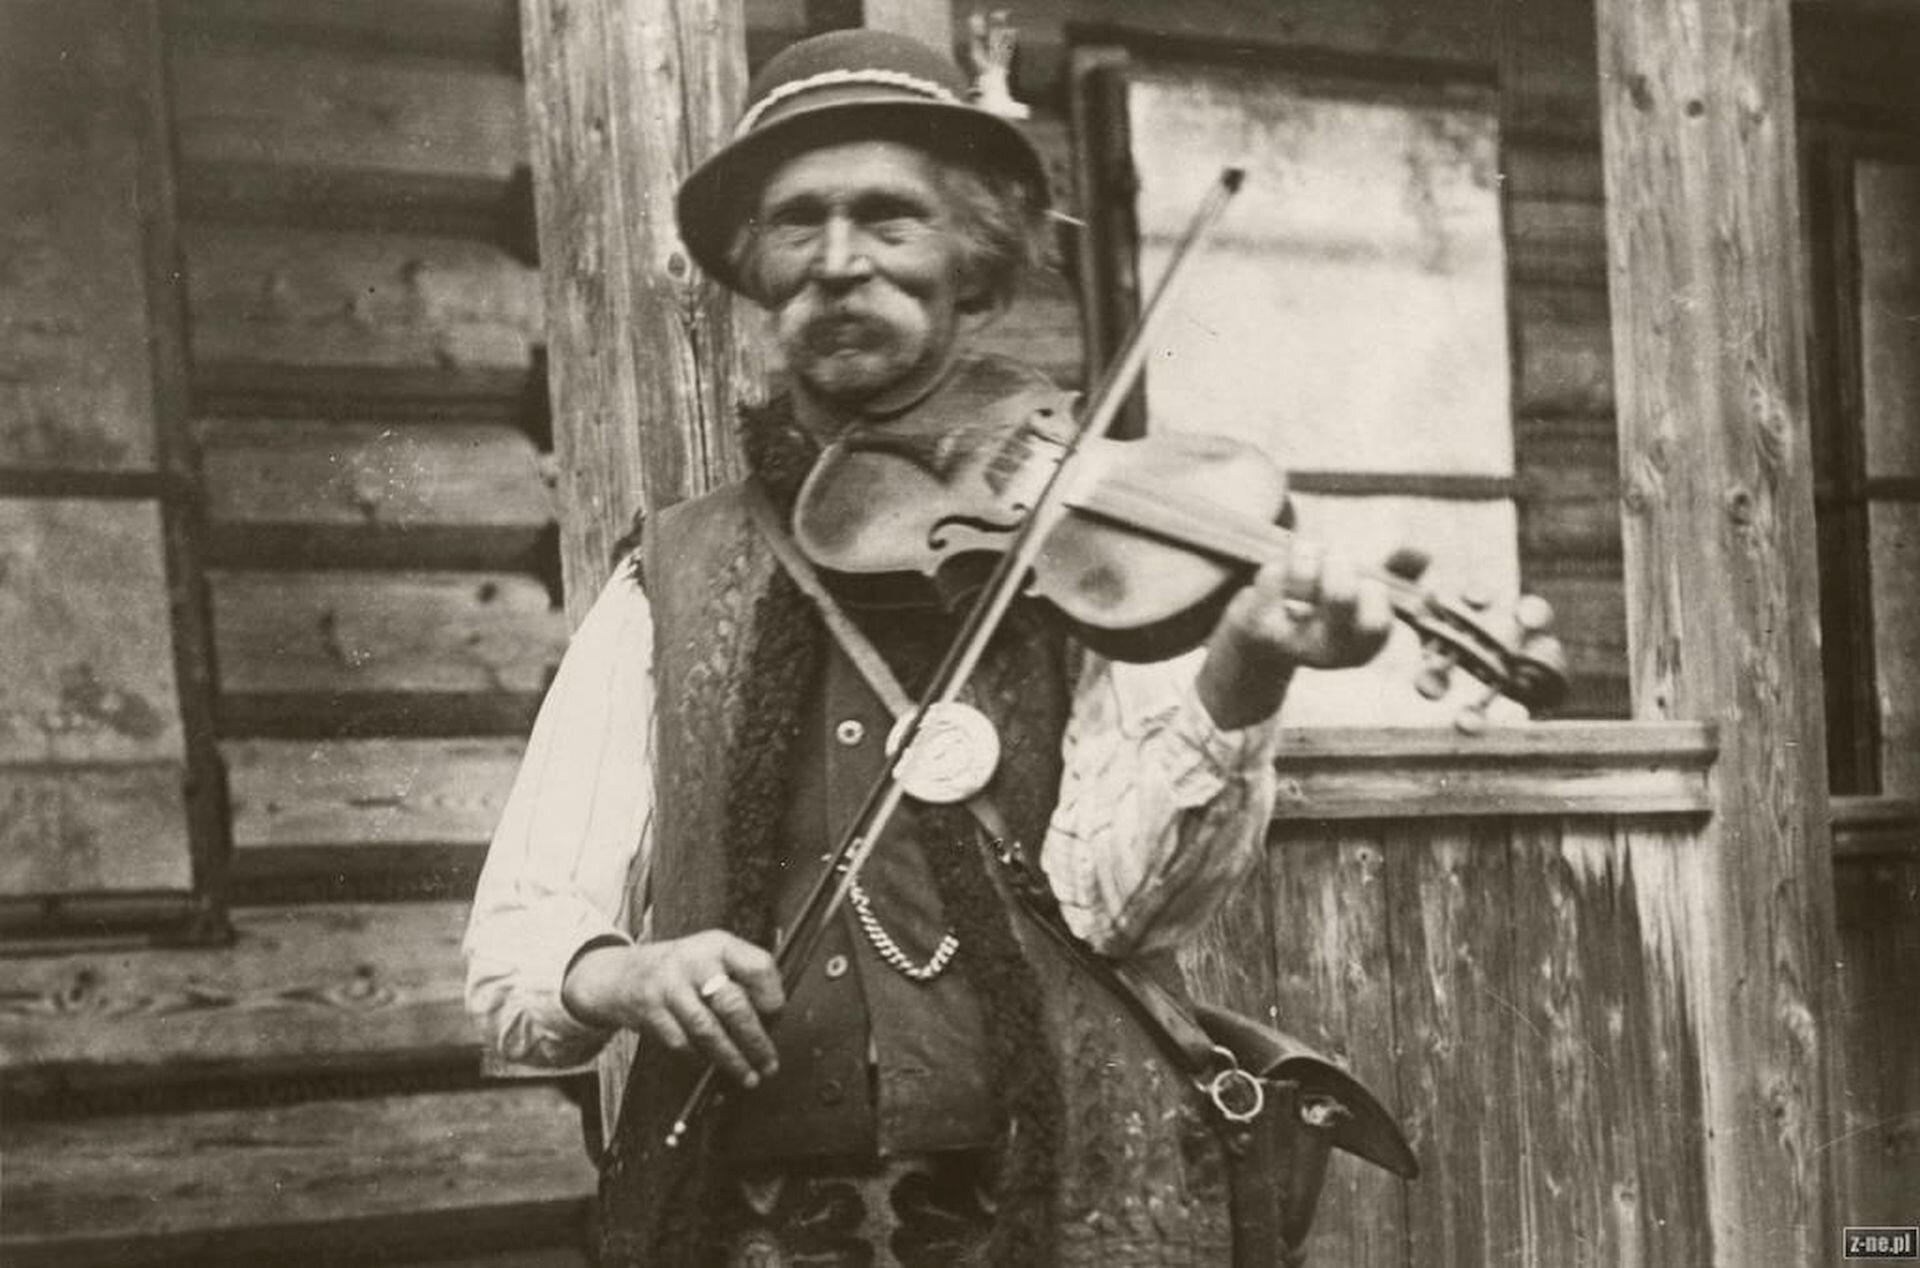 Ilustracja przedstawia Bartka Obrochte ubranego wstrój góralski, grającego na skrzypcach. Mężczyzna ma długie, siwe wąsy.